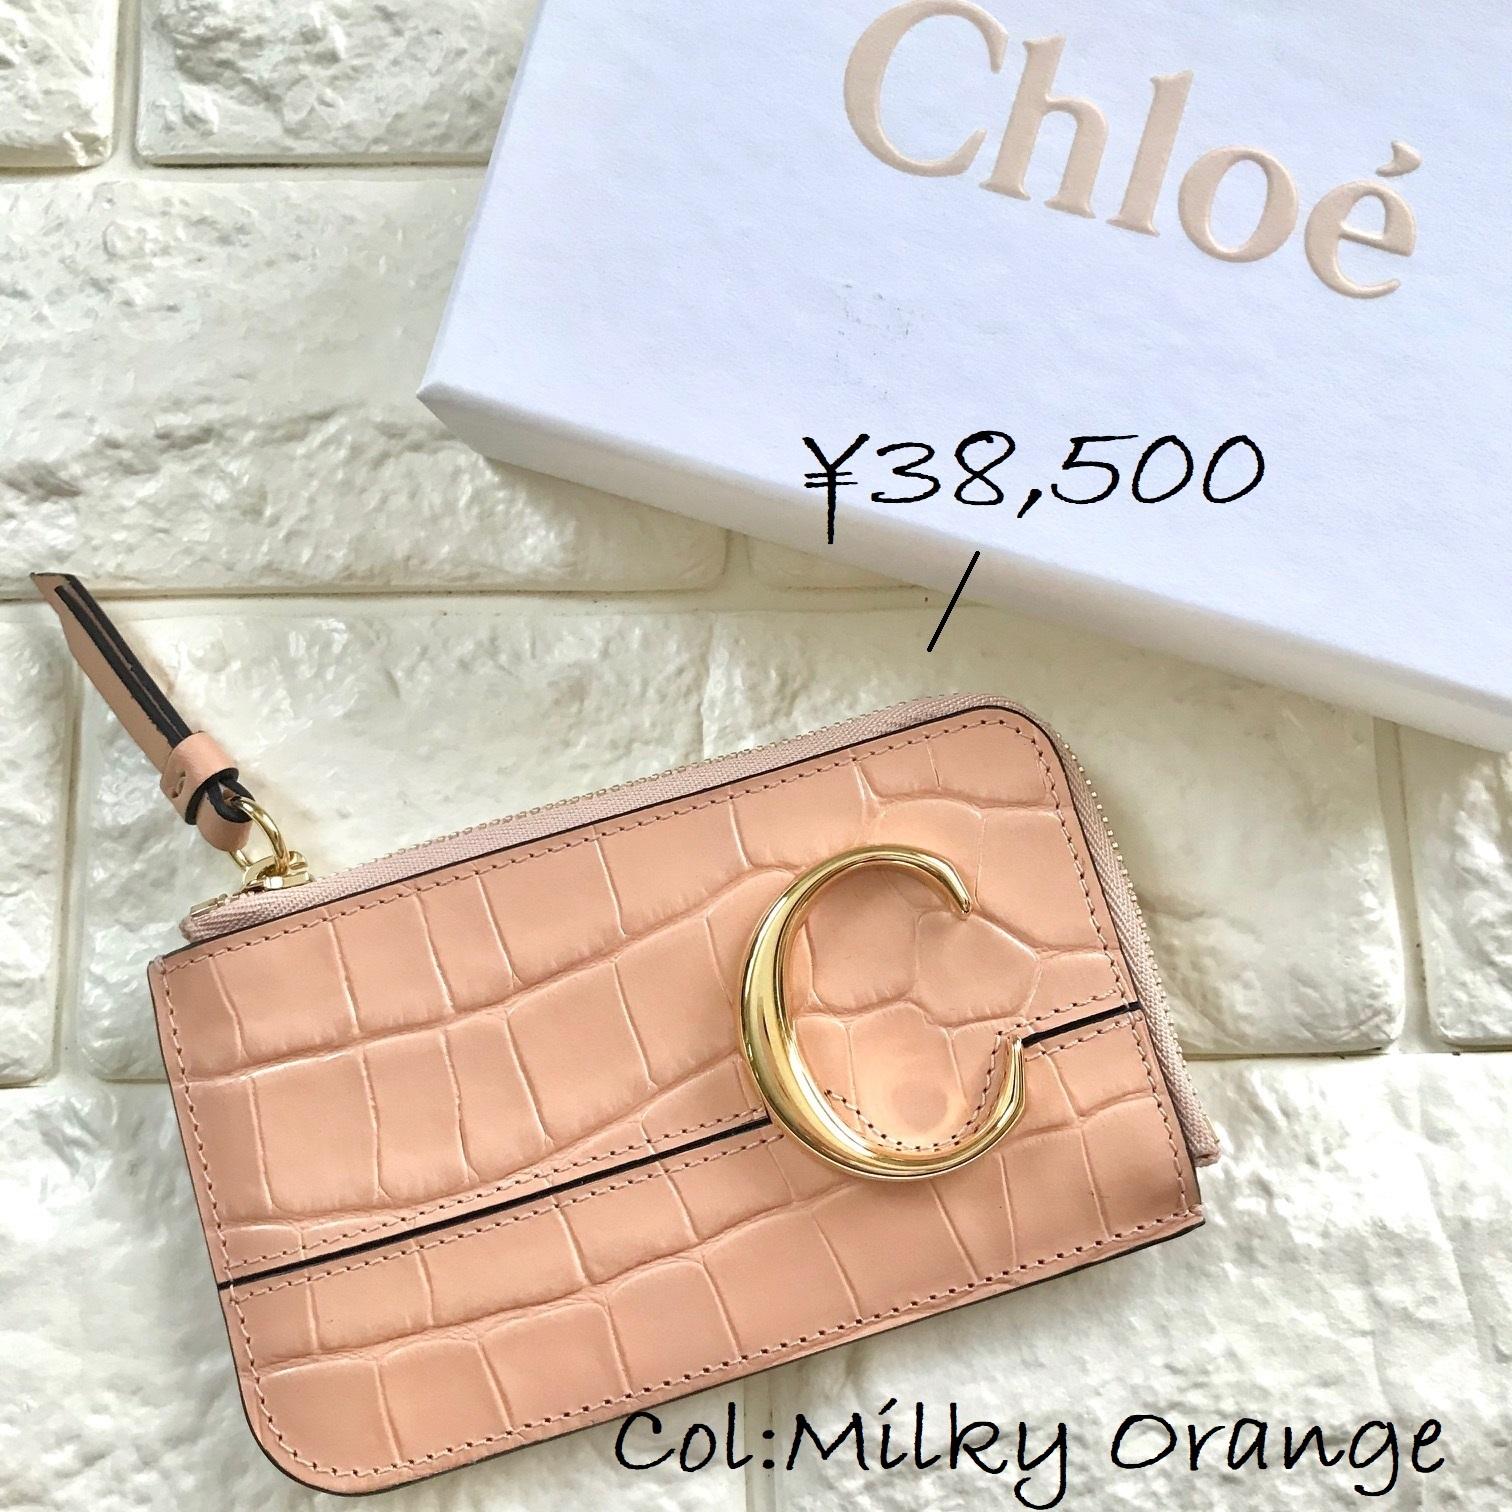 クロエのお財布画像